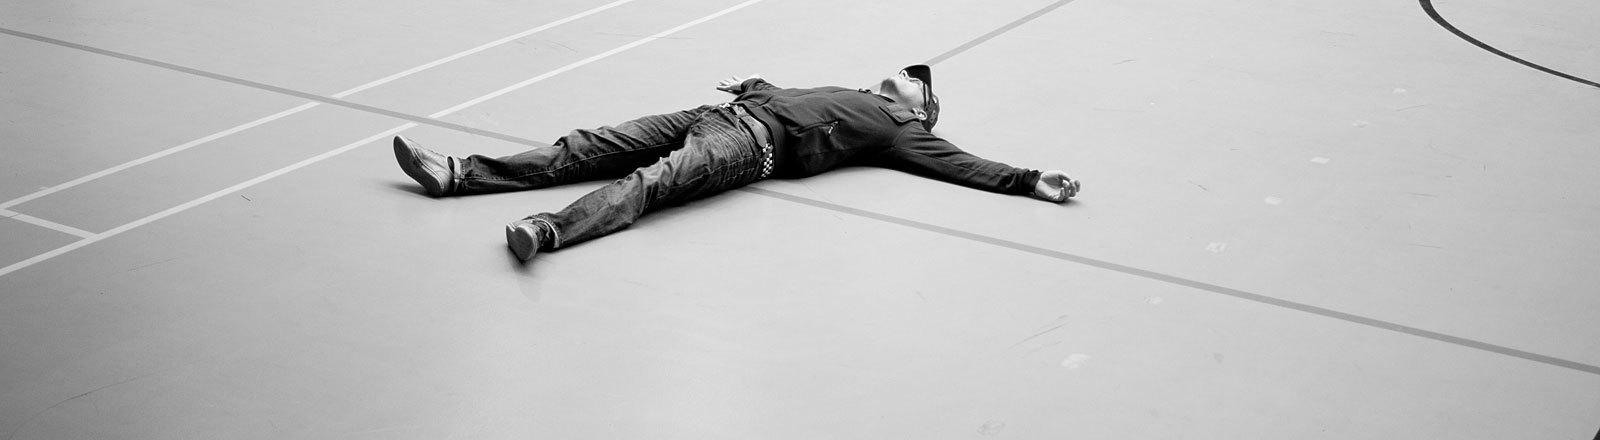 Mann liegt schlafend auf Sporthallen-Boden